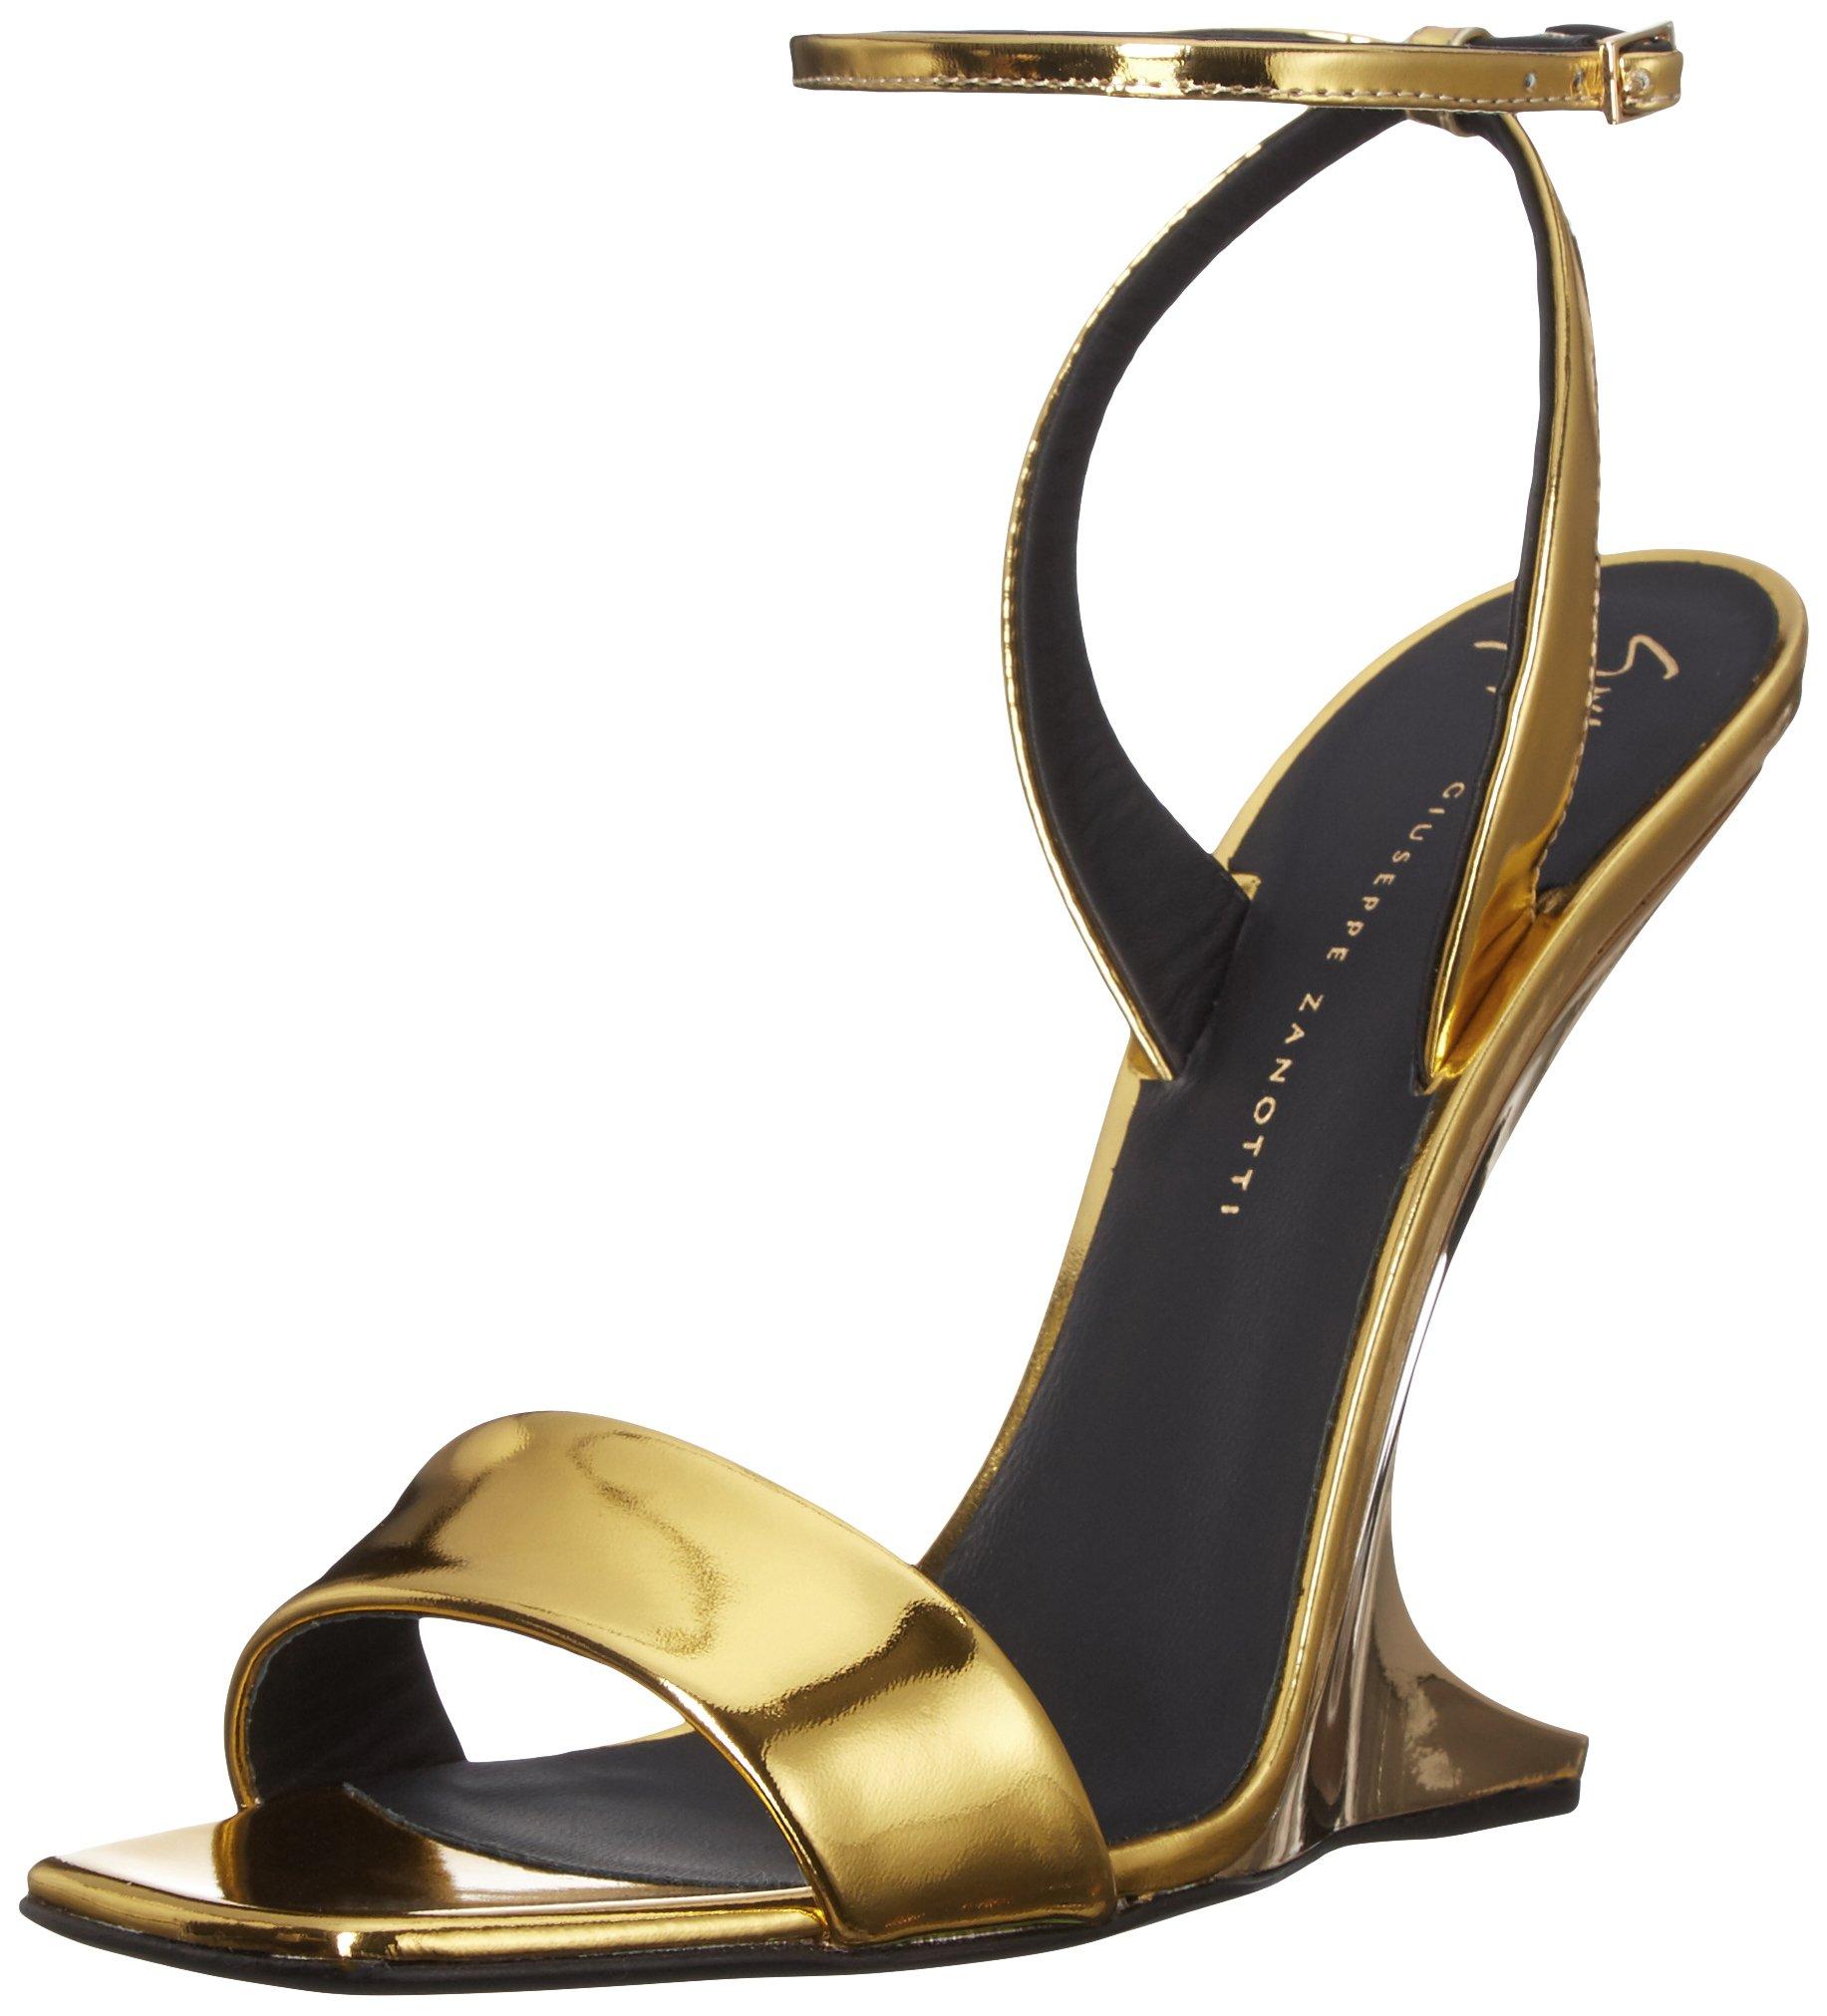 Giuseppe Zanotti Women's I700143 Wedge Sandal, Gold, 8 M US